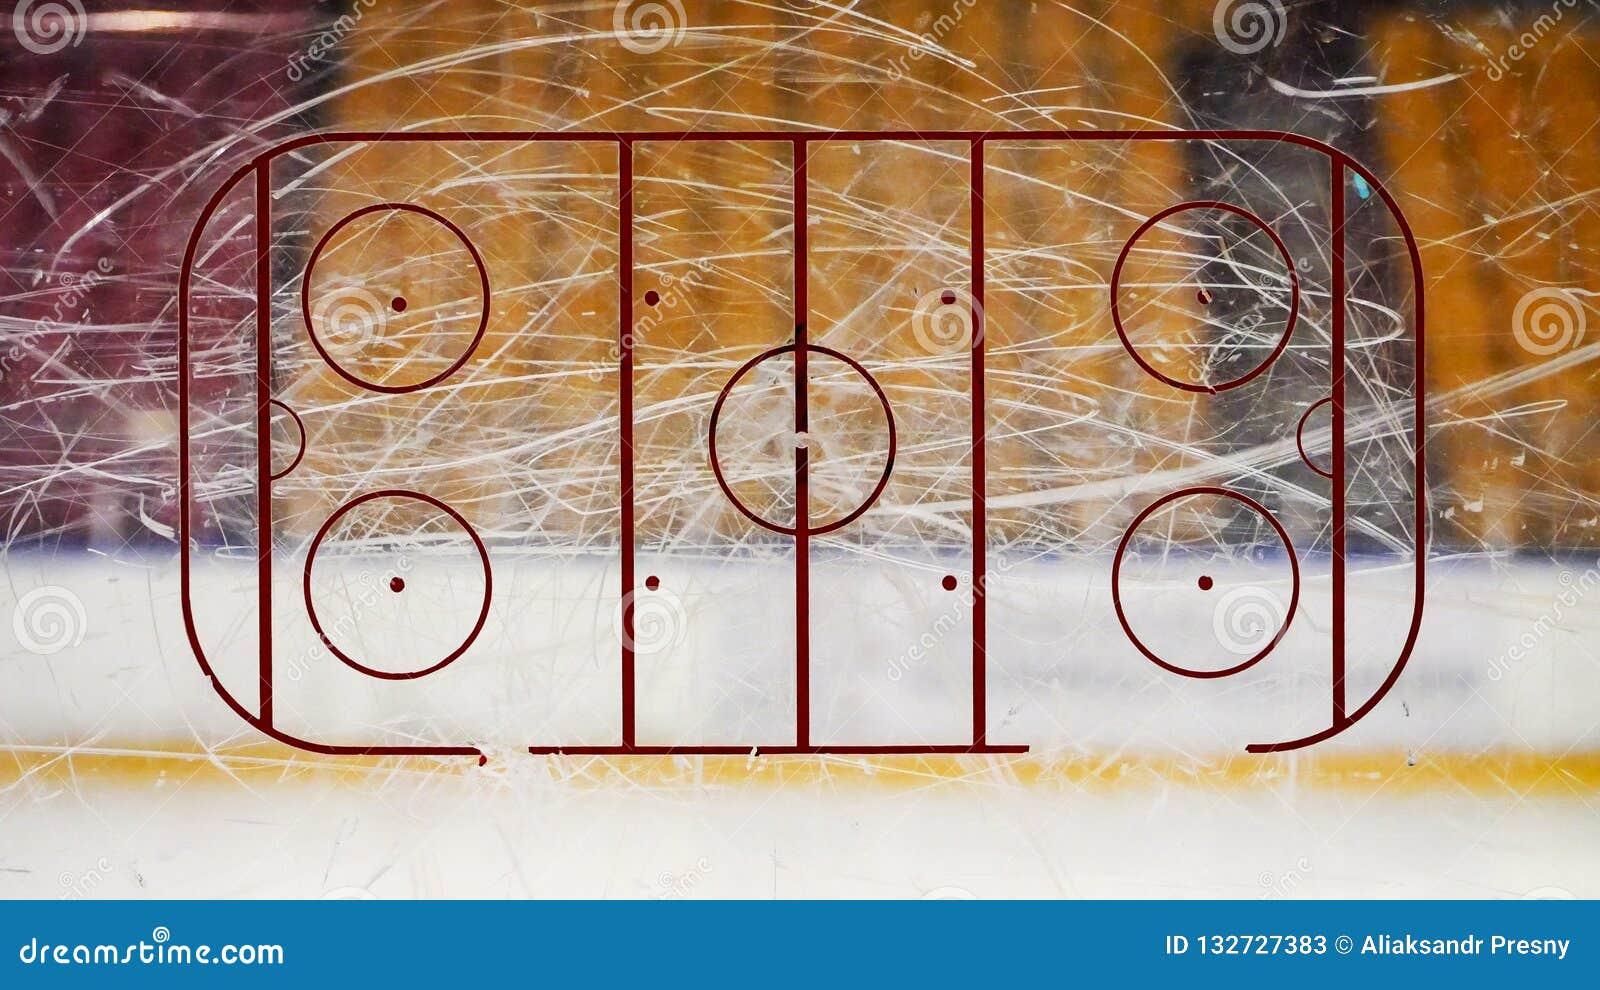 Pista de hockey sobre hielo sobre el vidrio